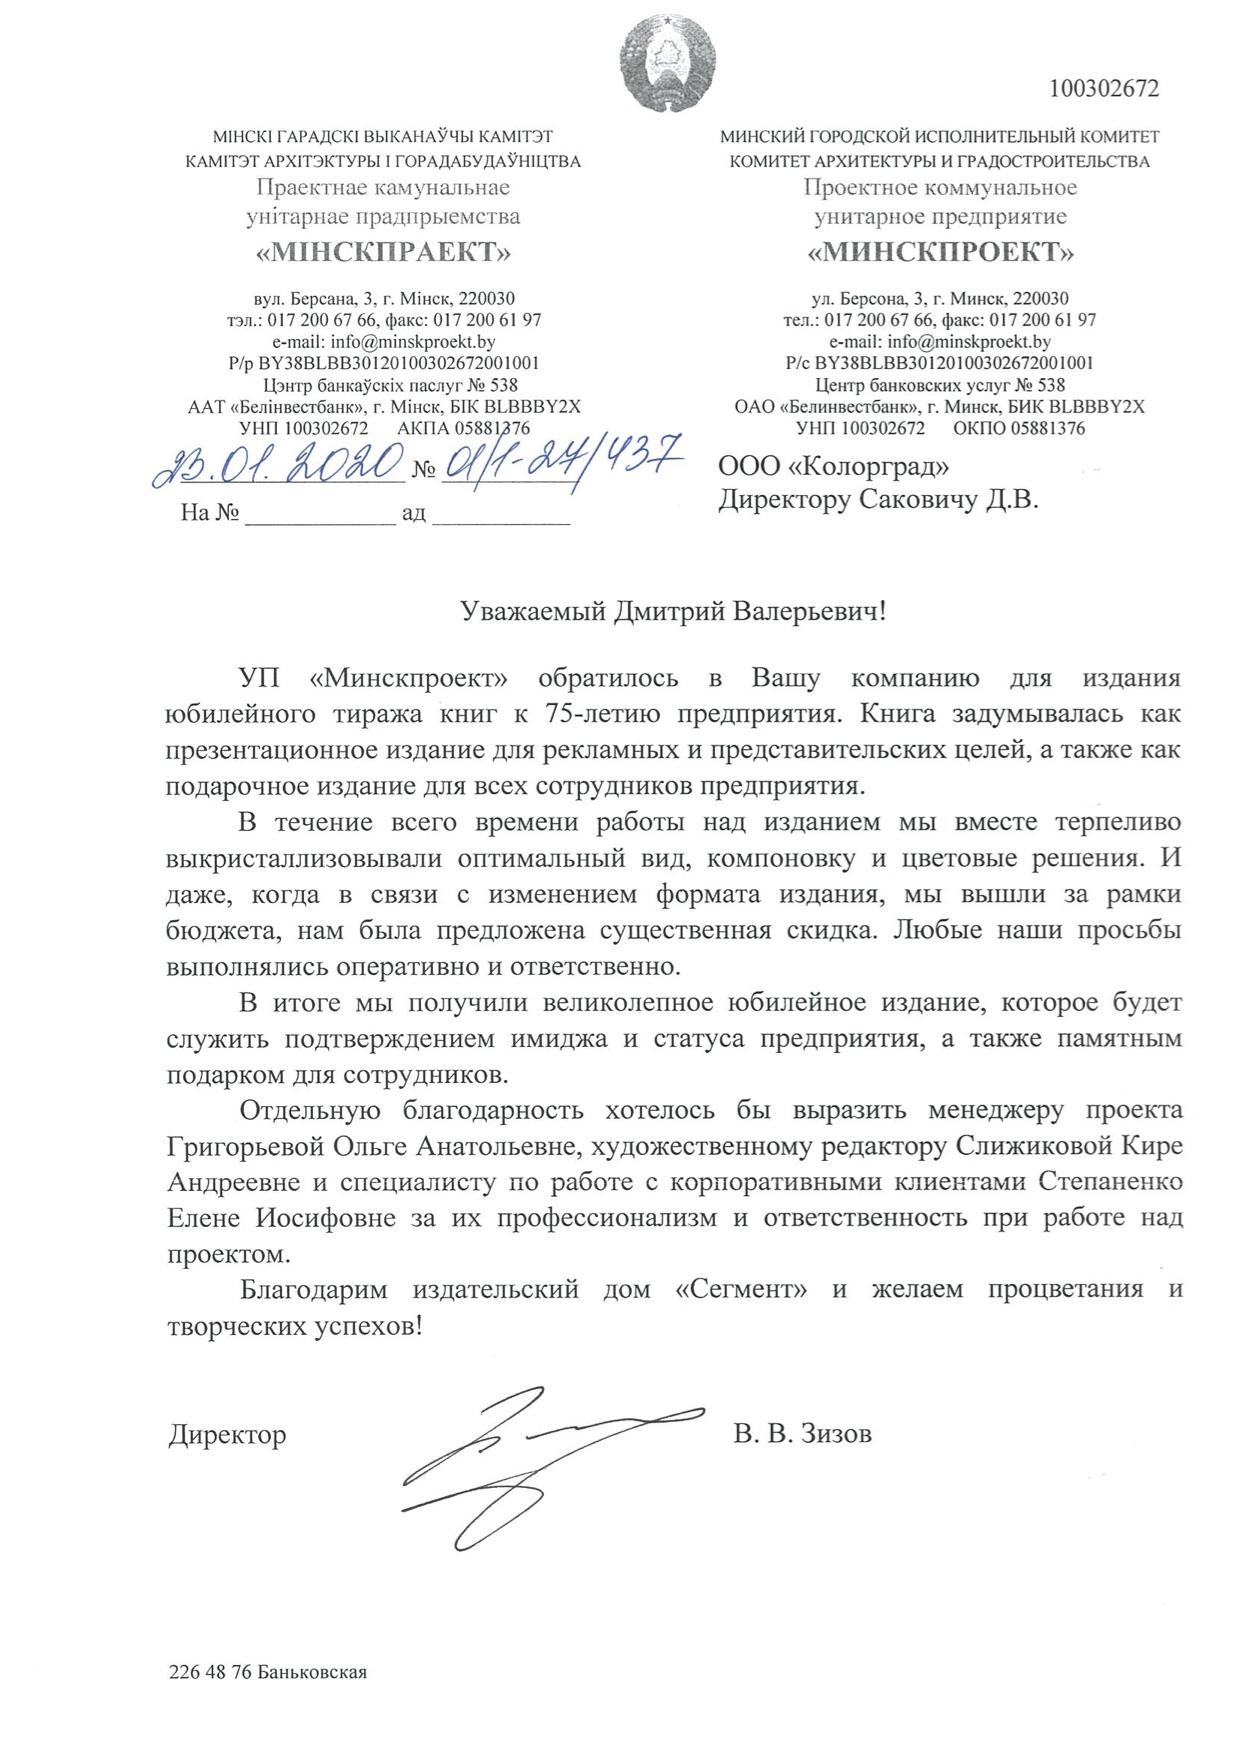 Благодарность от «Минскпроект»